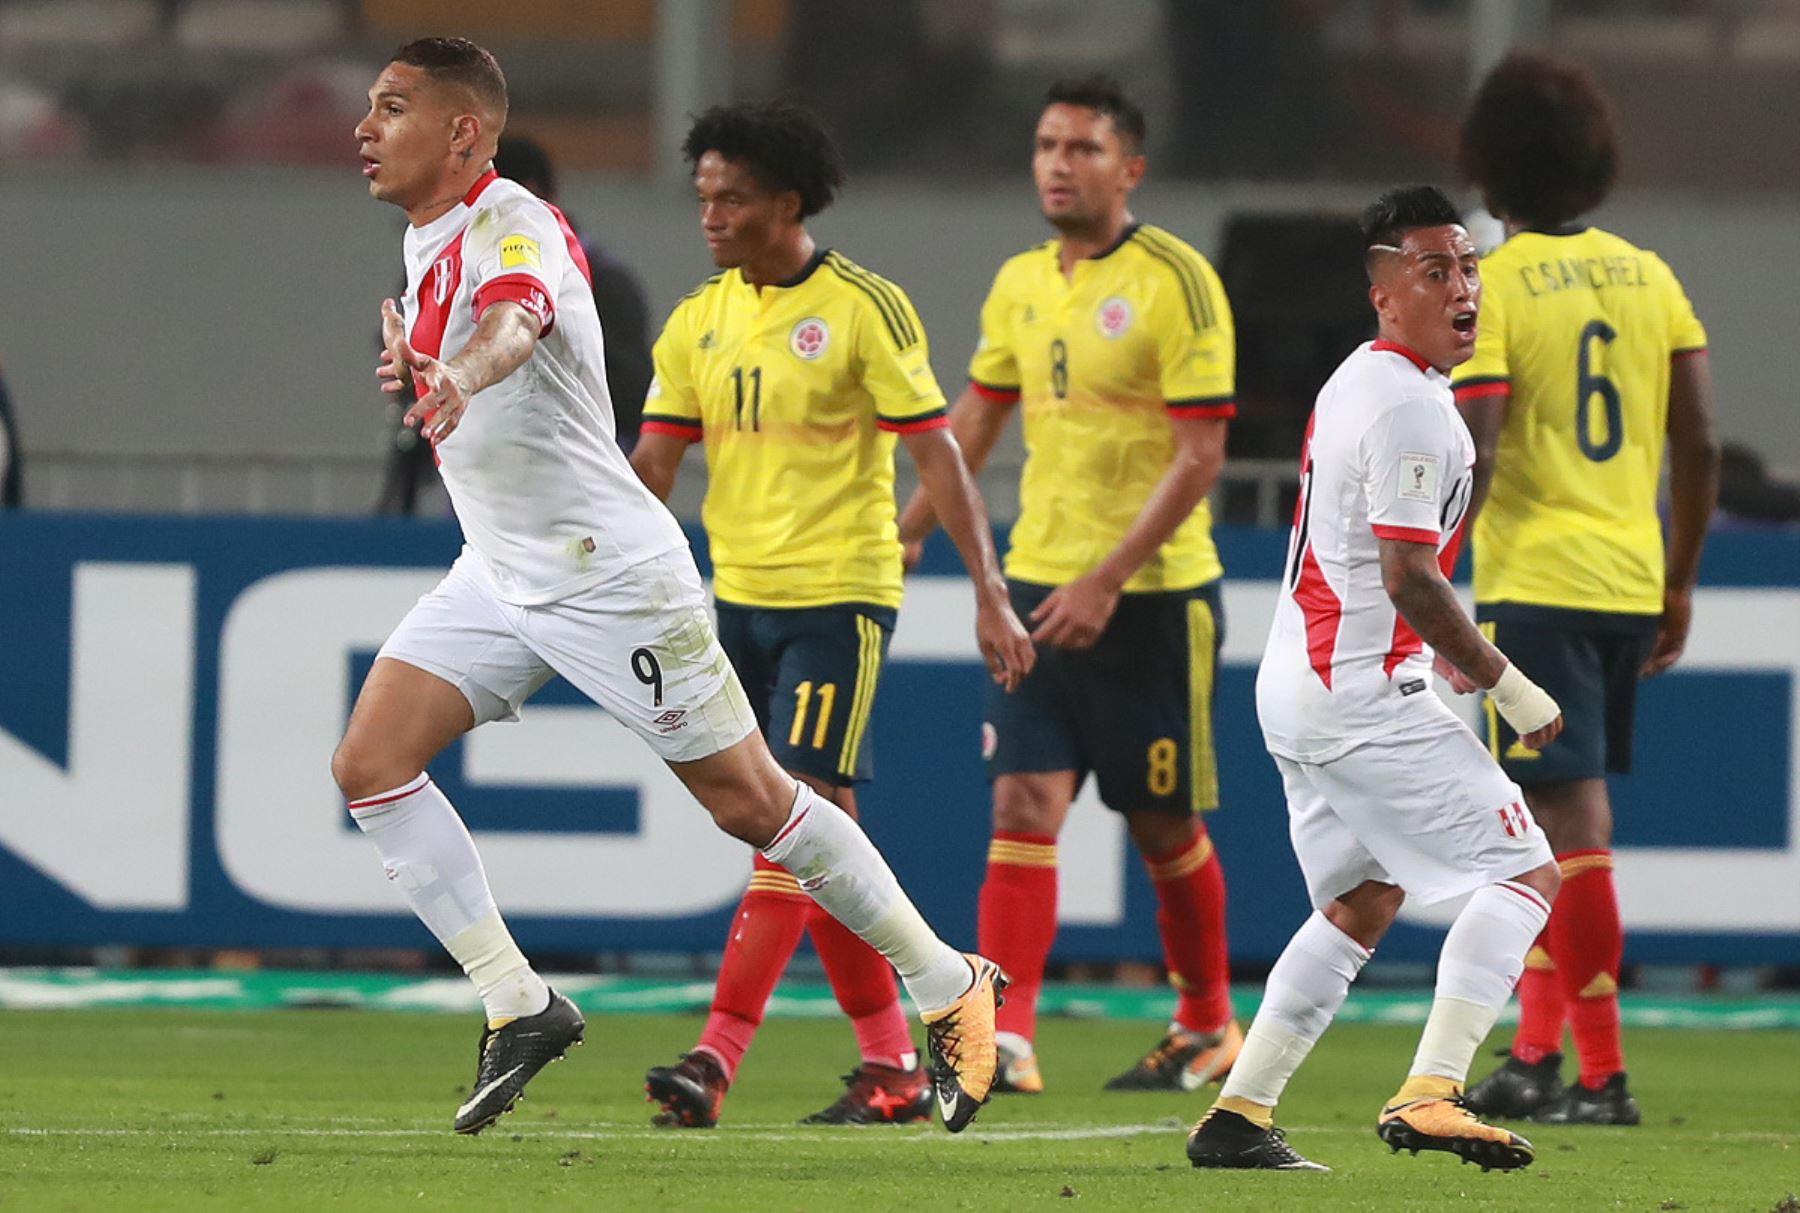 Peruanos desean apoyar a la selección en su visita a Nueva Zelanda.